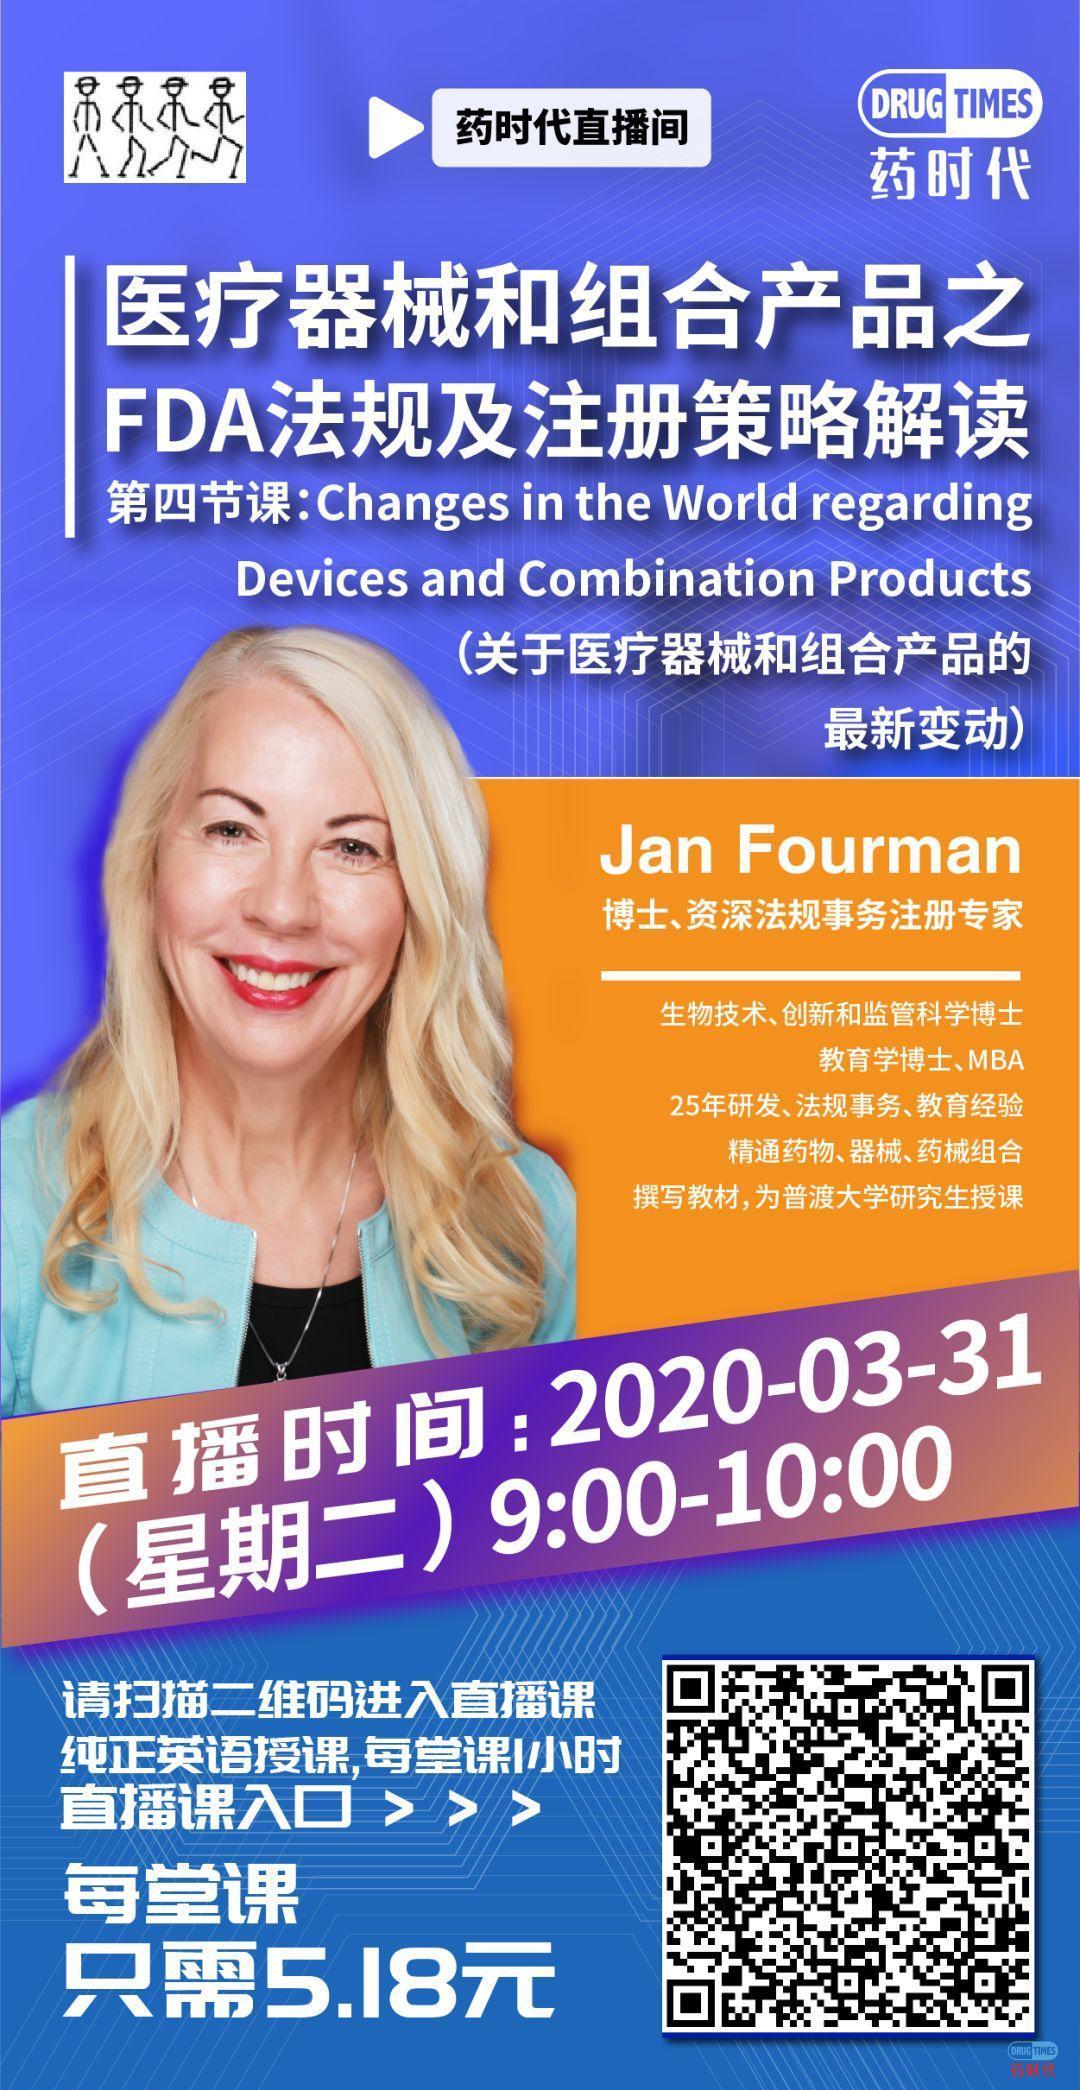 今早9点 Jan Fourman博士主讲医疗器械和组合产品之FDA法规及注册策略解读——关于医疗器械和组合产品的最新变动